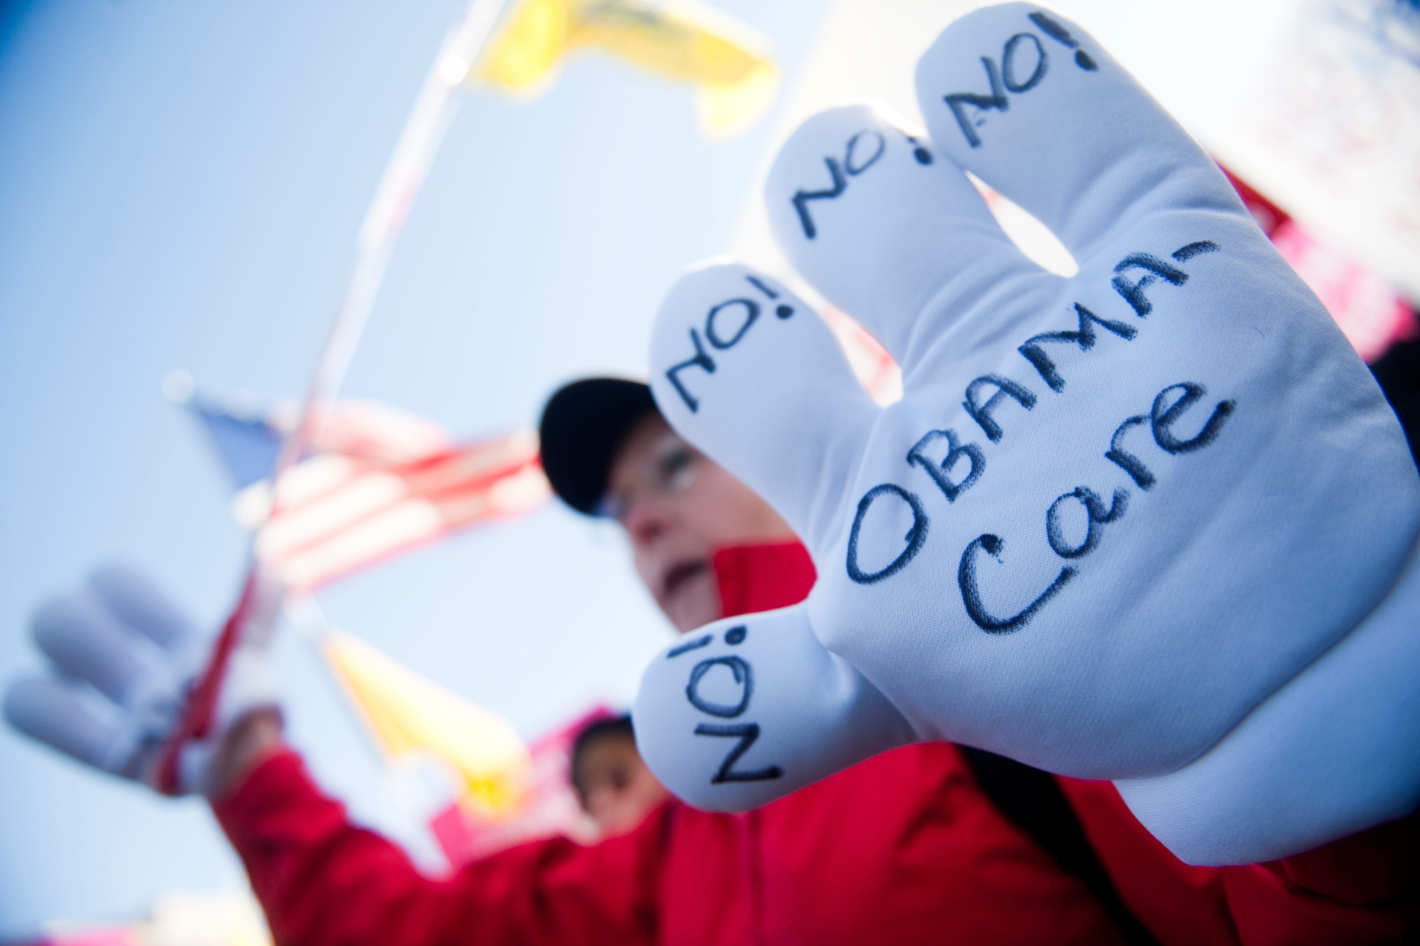 Трамп подписал первый исполнительный указ по отмене Obamacare. Фото: nymag.com